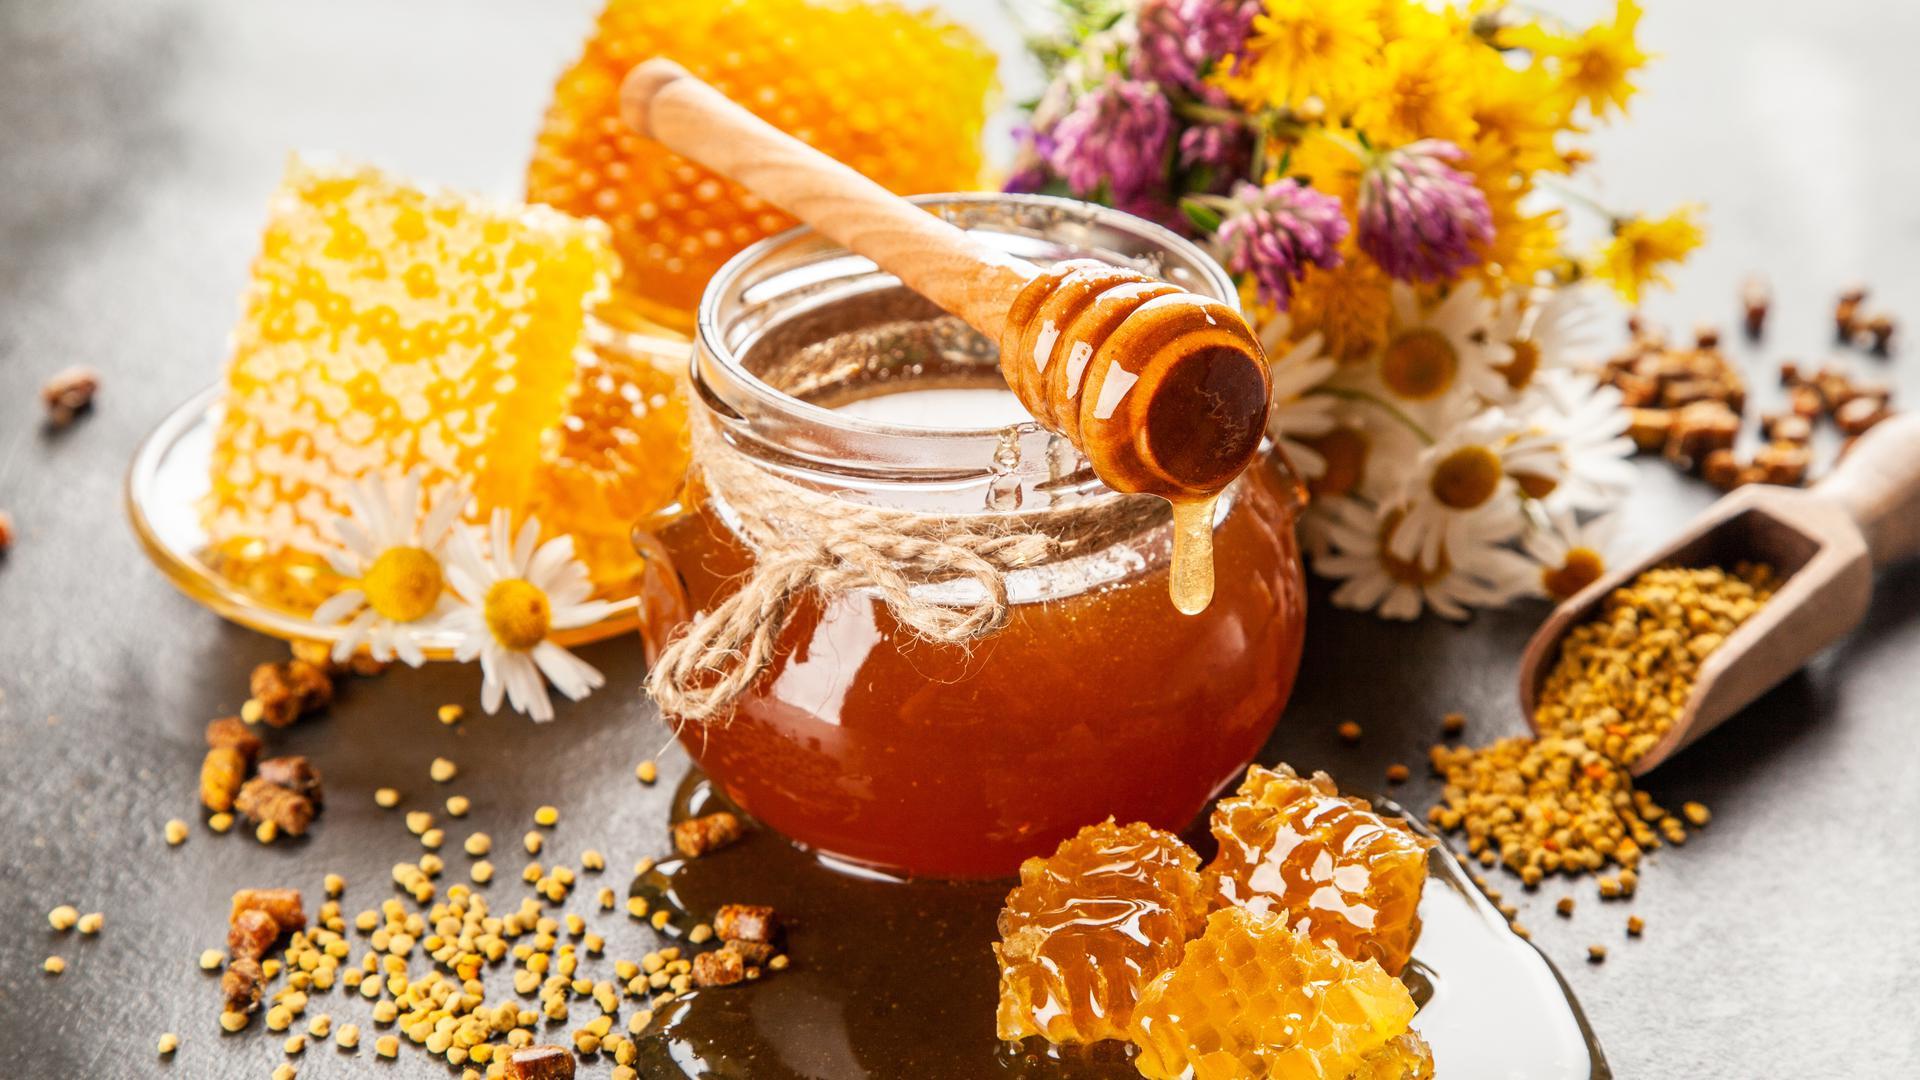 Ein Glas Honig und Bienenwaben stehen auf einem Tisch.